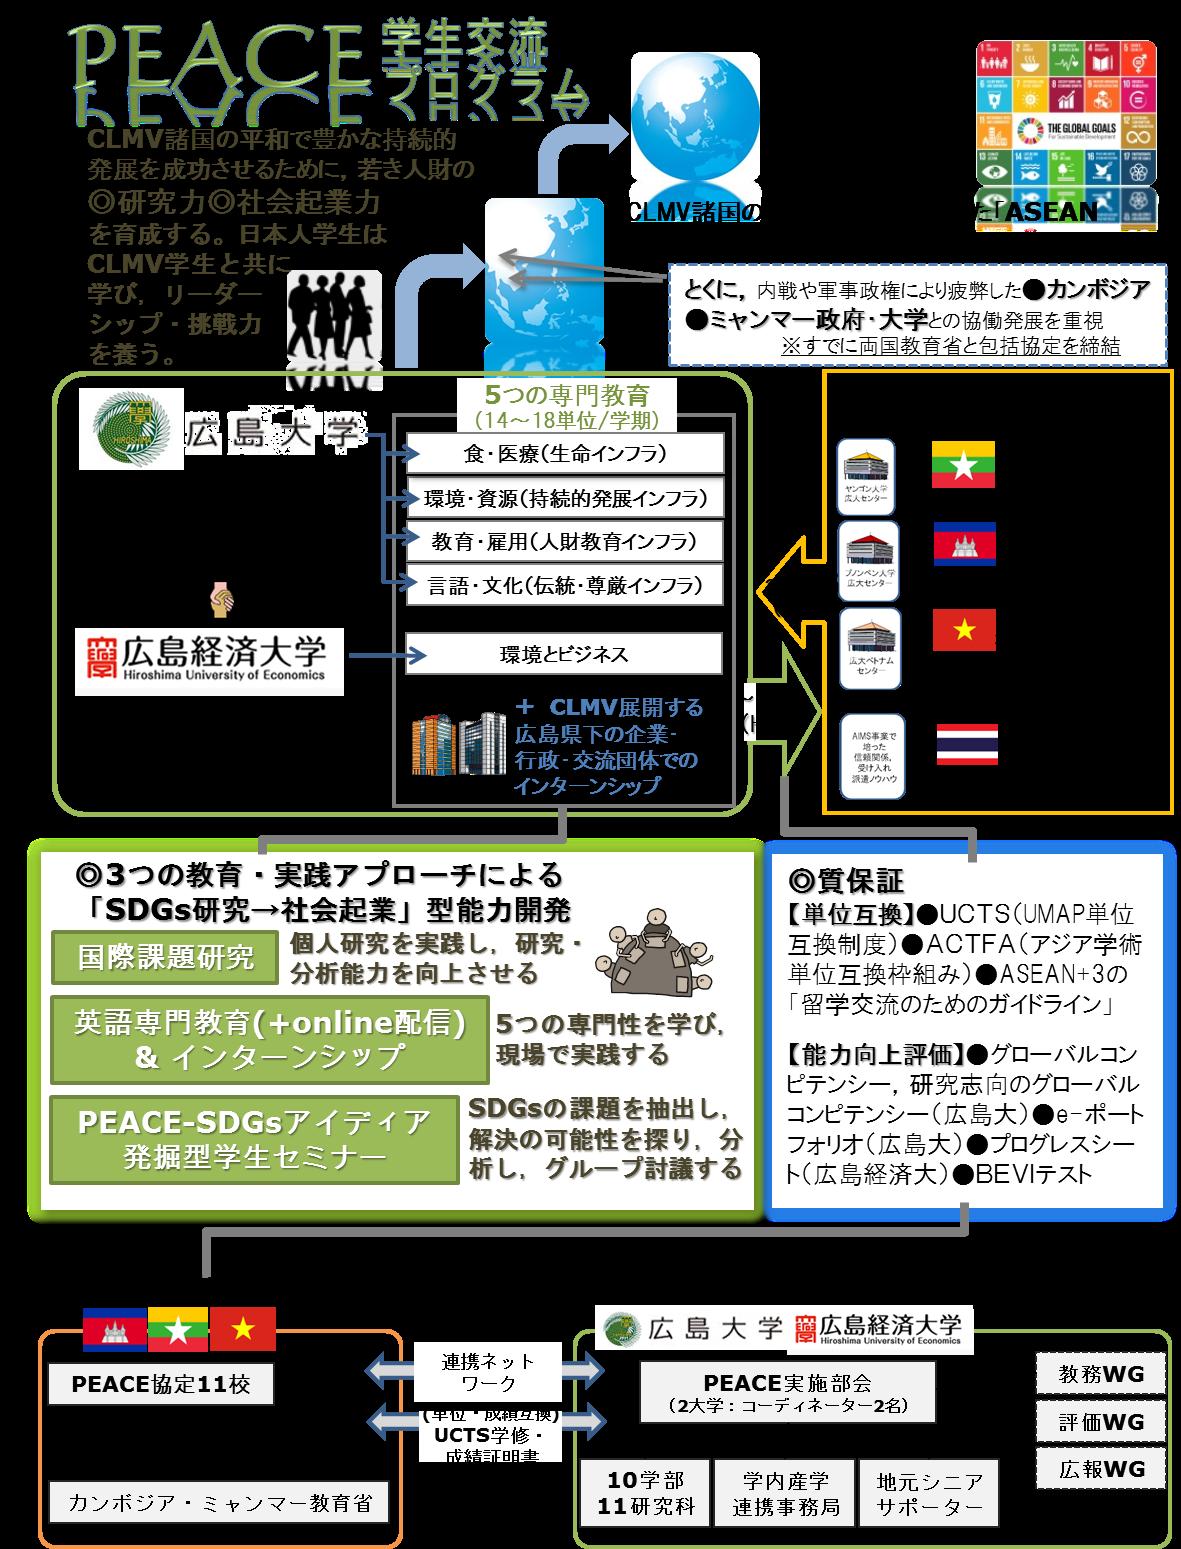 交流プログラムの概念図